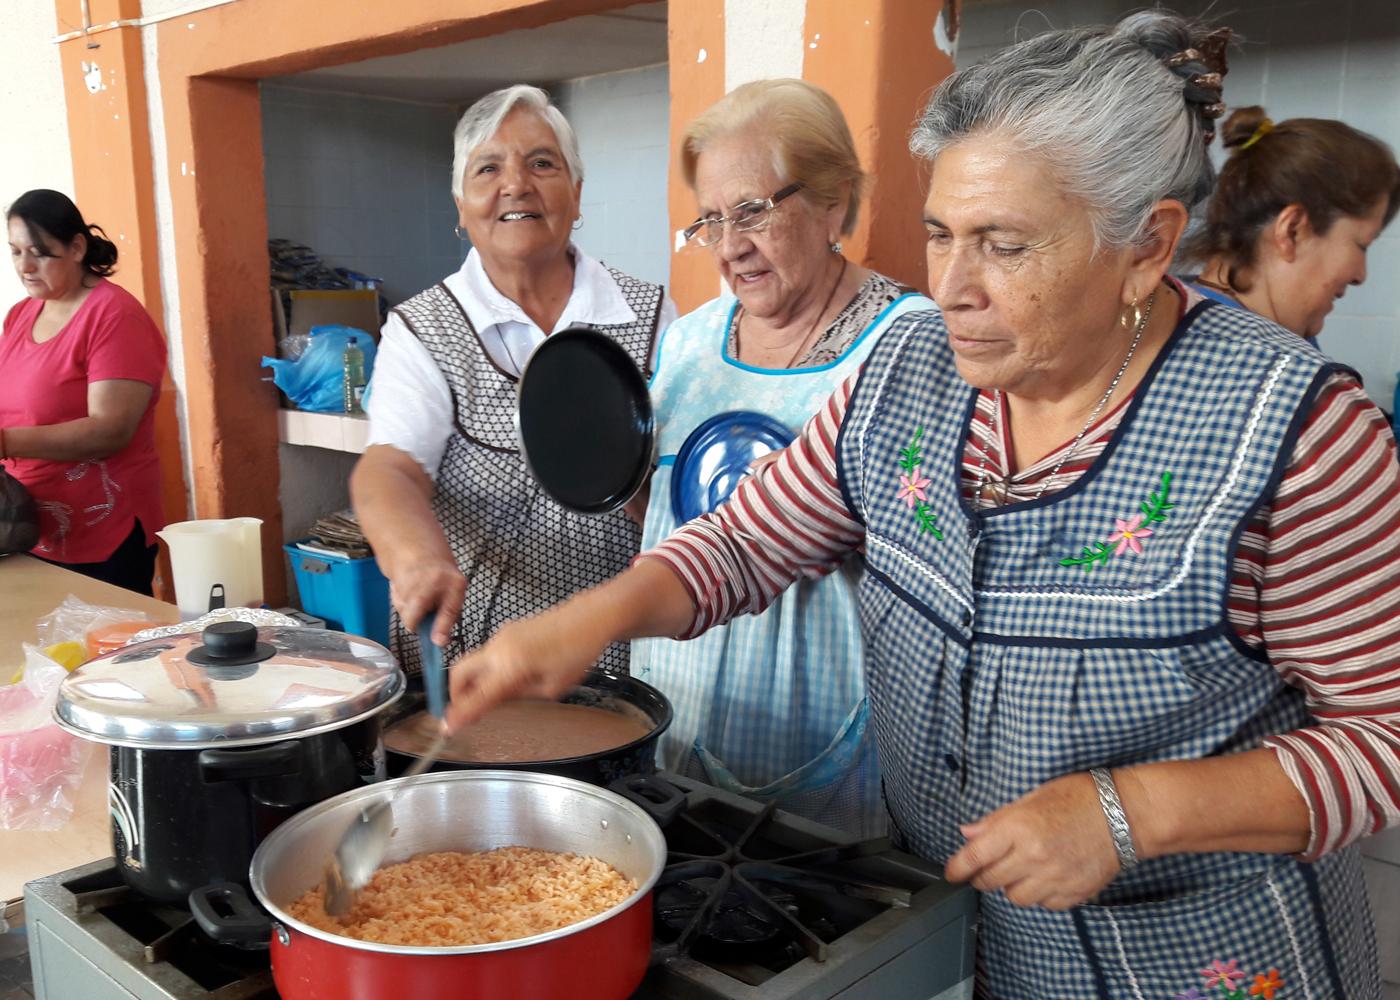 Habilitan comedor comunitario en parroquia de san nicol s for Proyecto de comedor comunitario